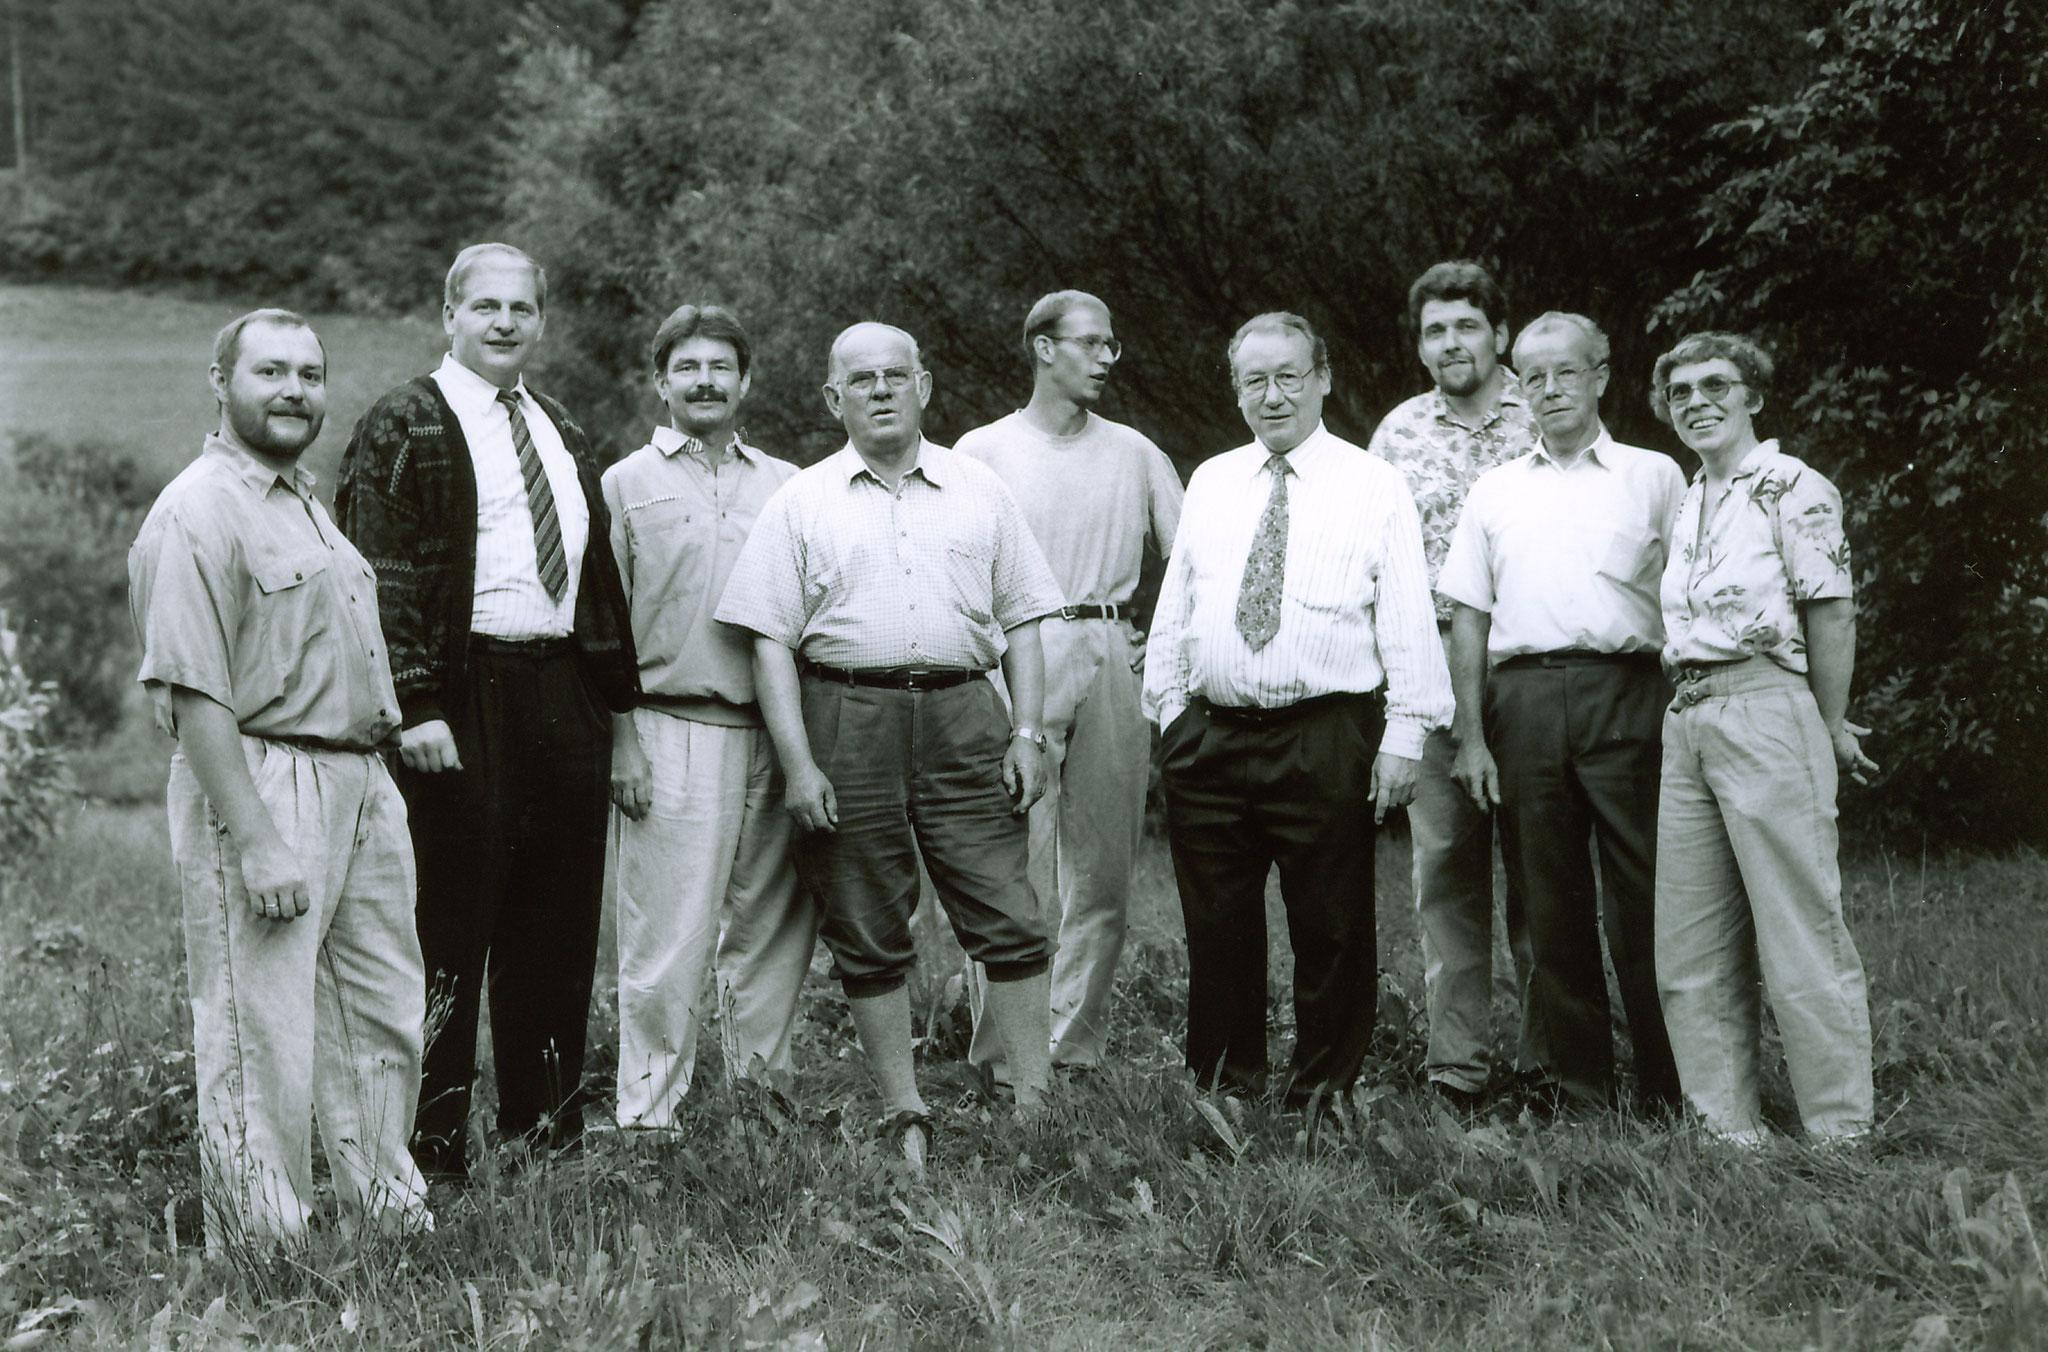 die Vorstandschaft im Jahr 1999 zum Jubiläumsfest 25 Jahre